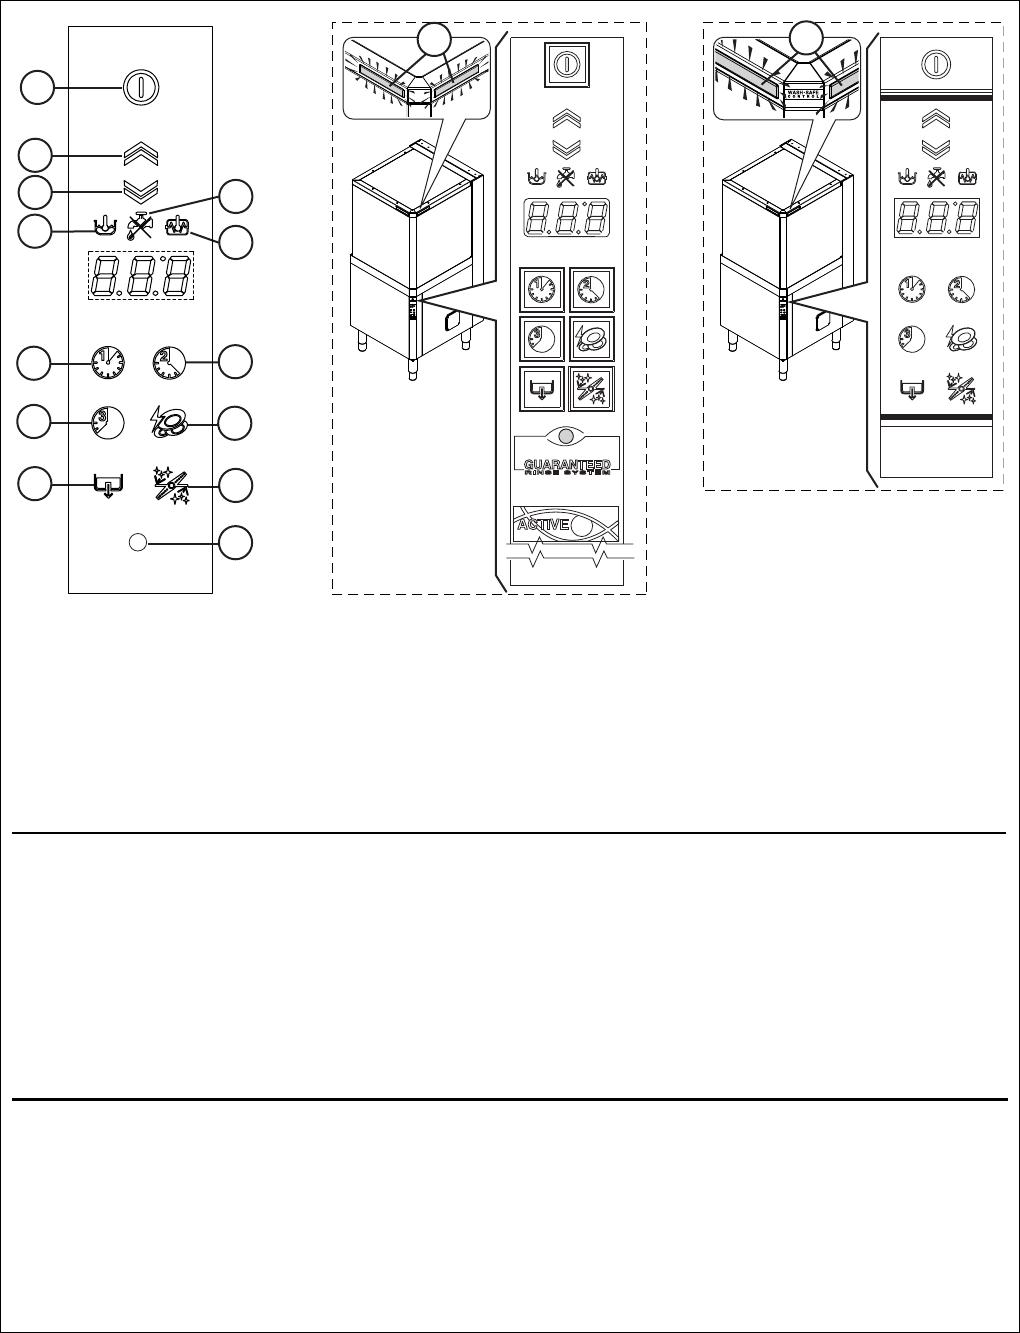 595668U02_EN Electrolux Dishwasher 504259 (EHT8I) CK2555